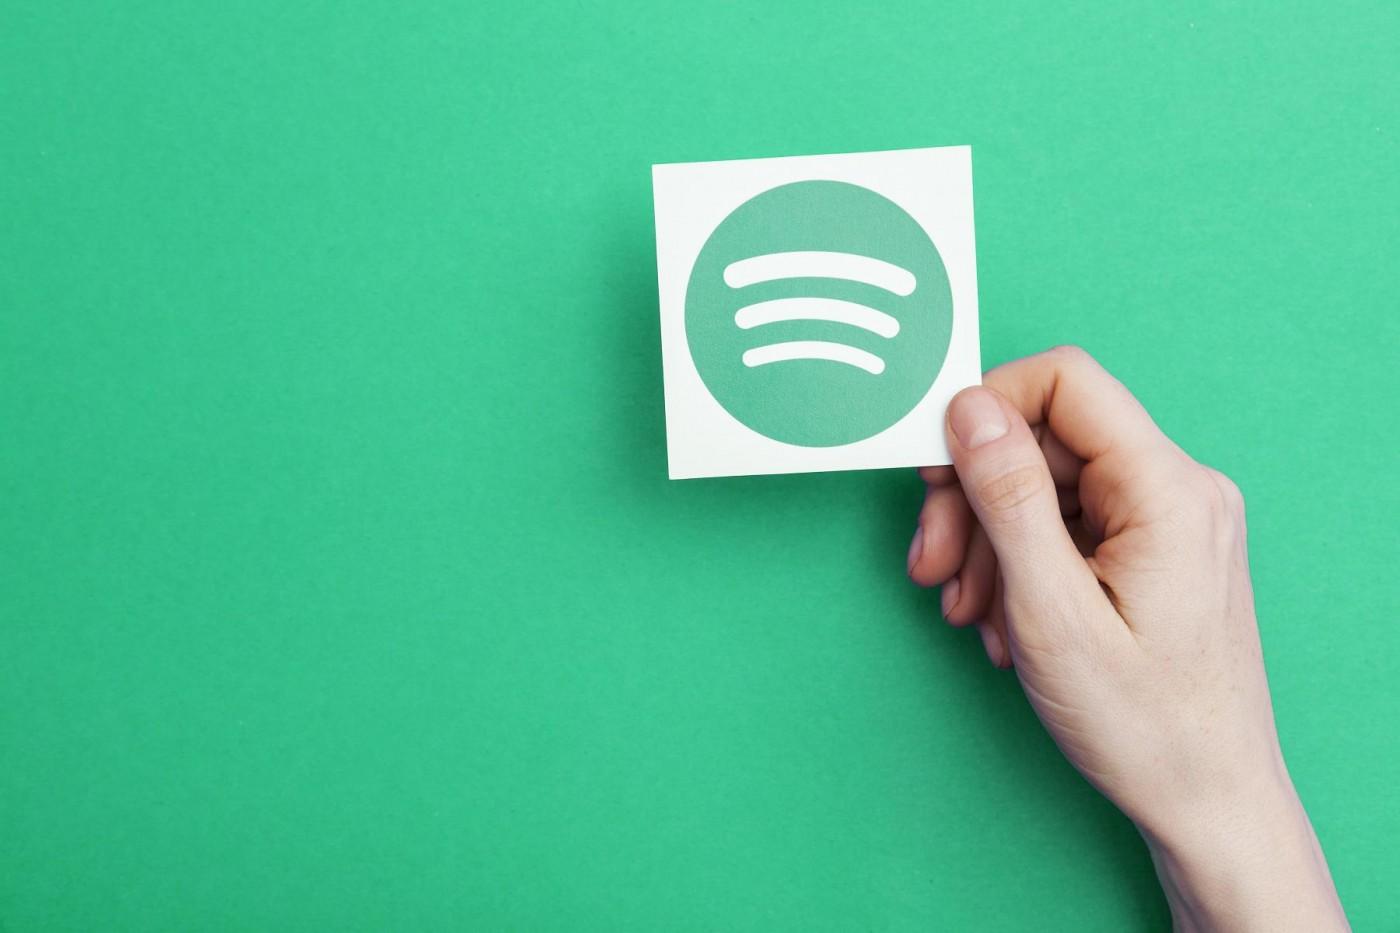 別管Spotify何時上市,先看音樂串流的未來